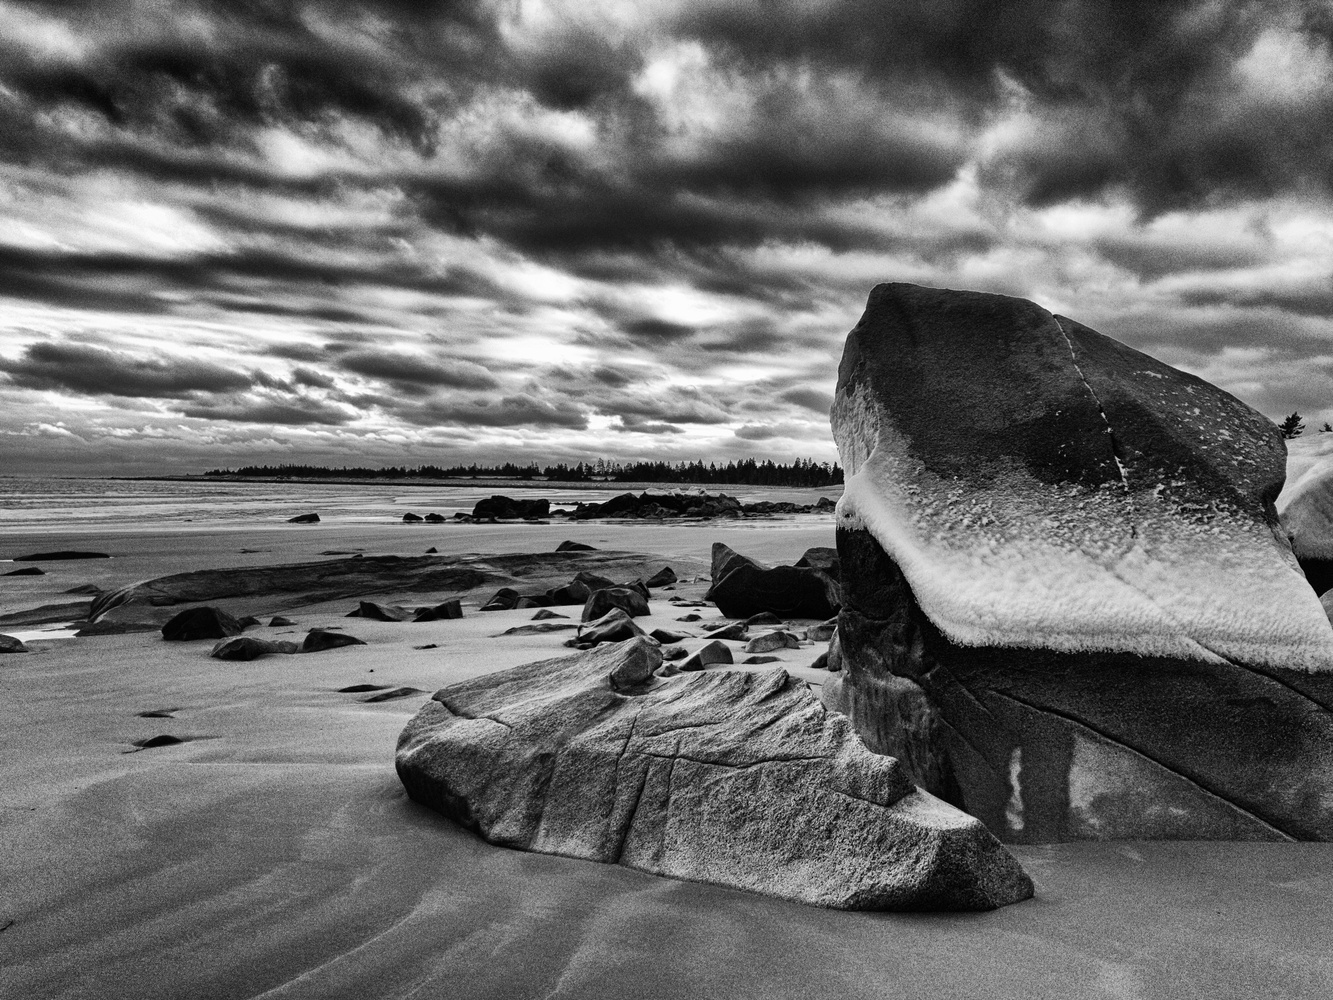 Beach in Winter by Darryl Kenty